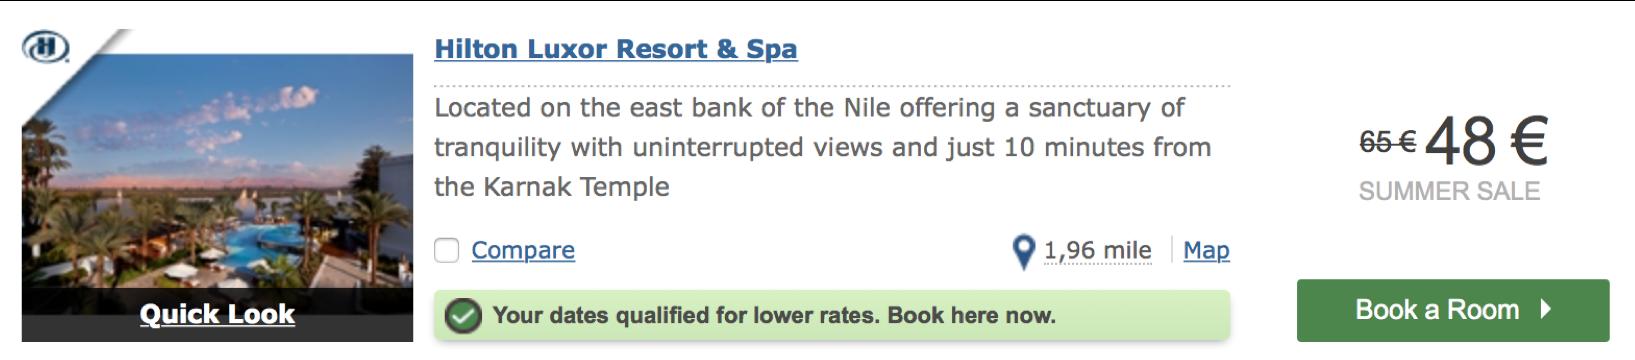 das billigste Hilton Hotel der Welt